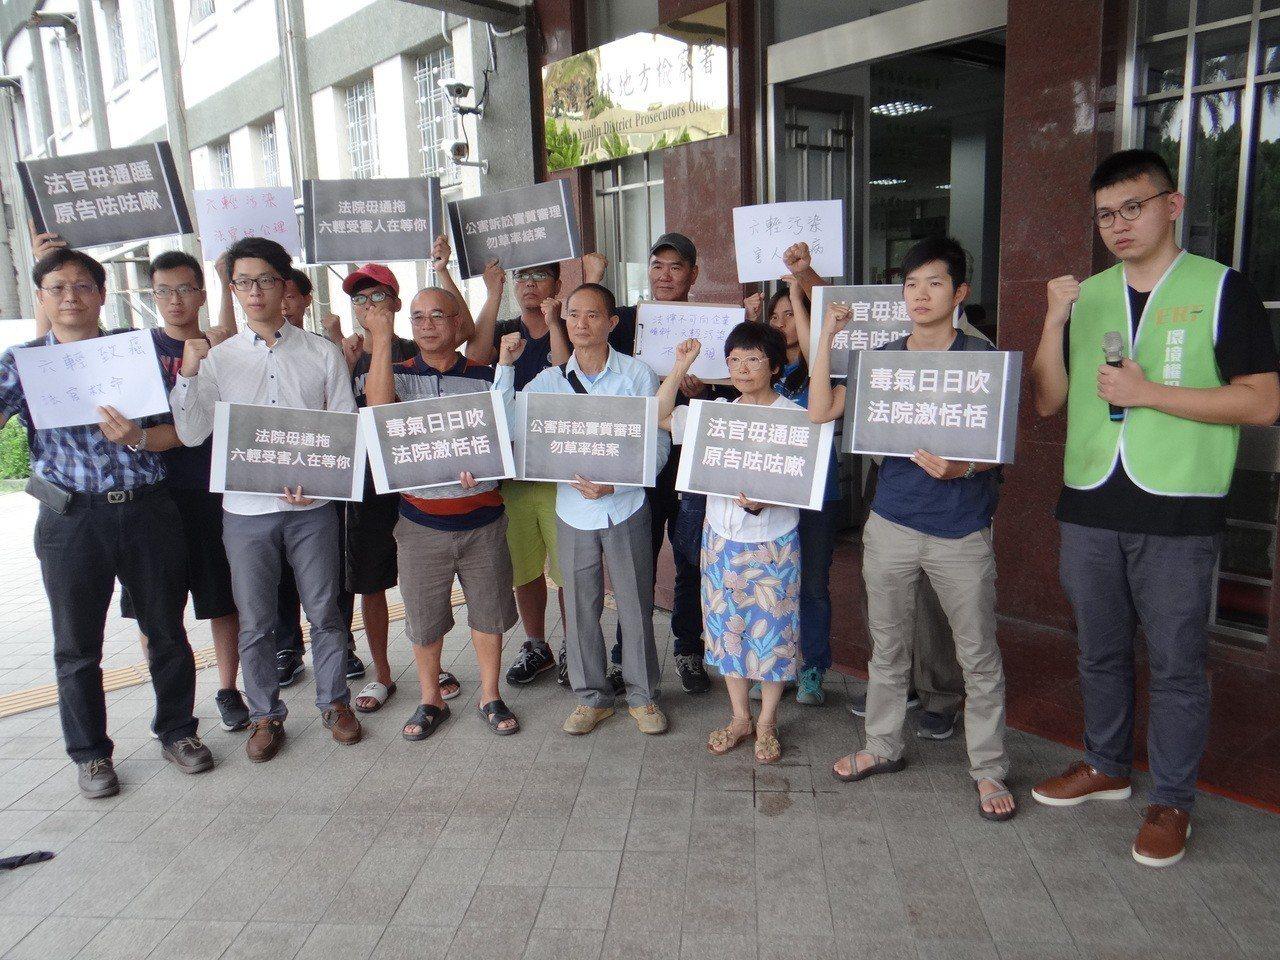 六輕受害家屬和保保團體在法院門口,高喊「六輕殺人、法官救命」。記者蔡維斌/攝影